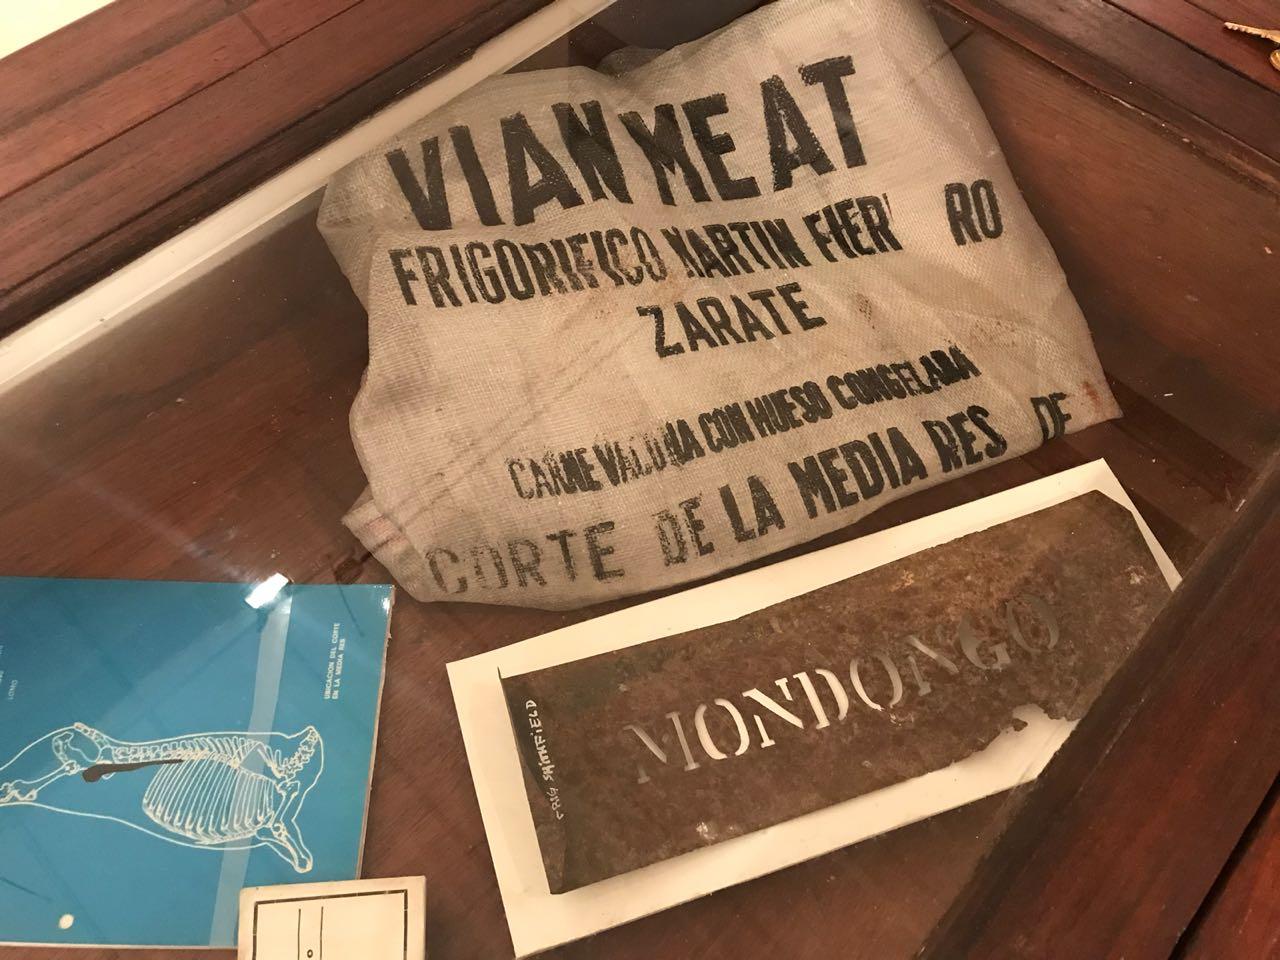 Objetos del futuro Museo del Frigorífico Smithfield de Zárate se exhiben en la Ciudad de Buenos Aires